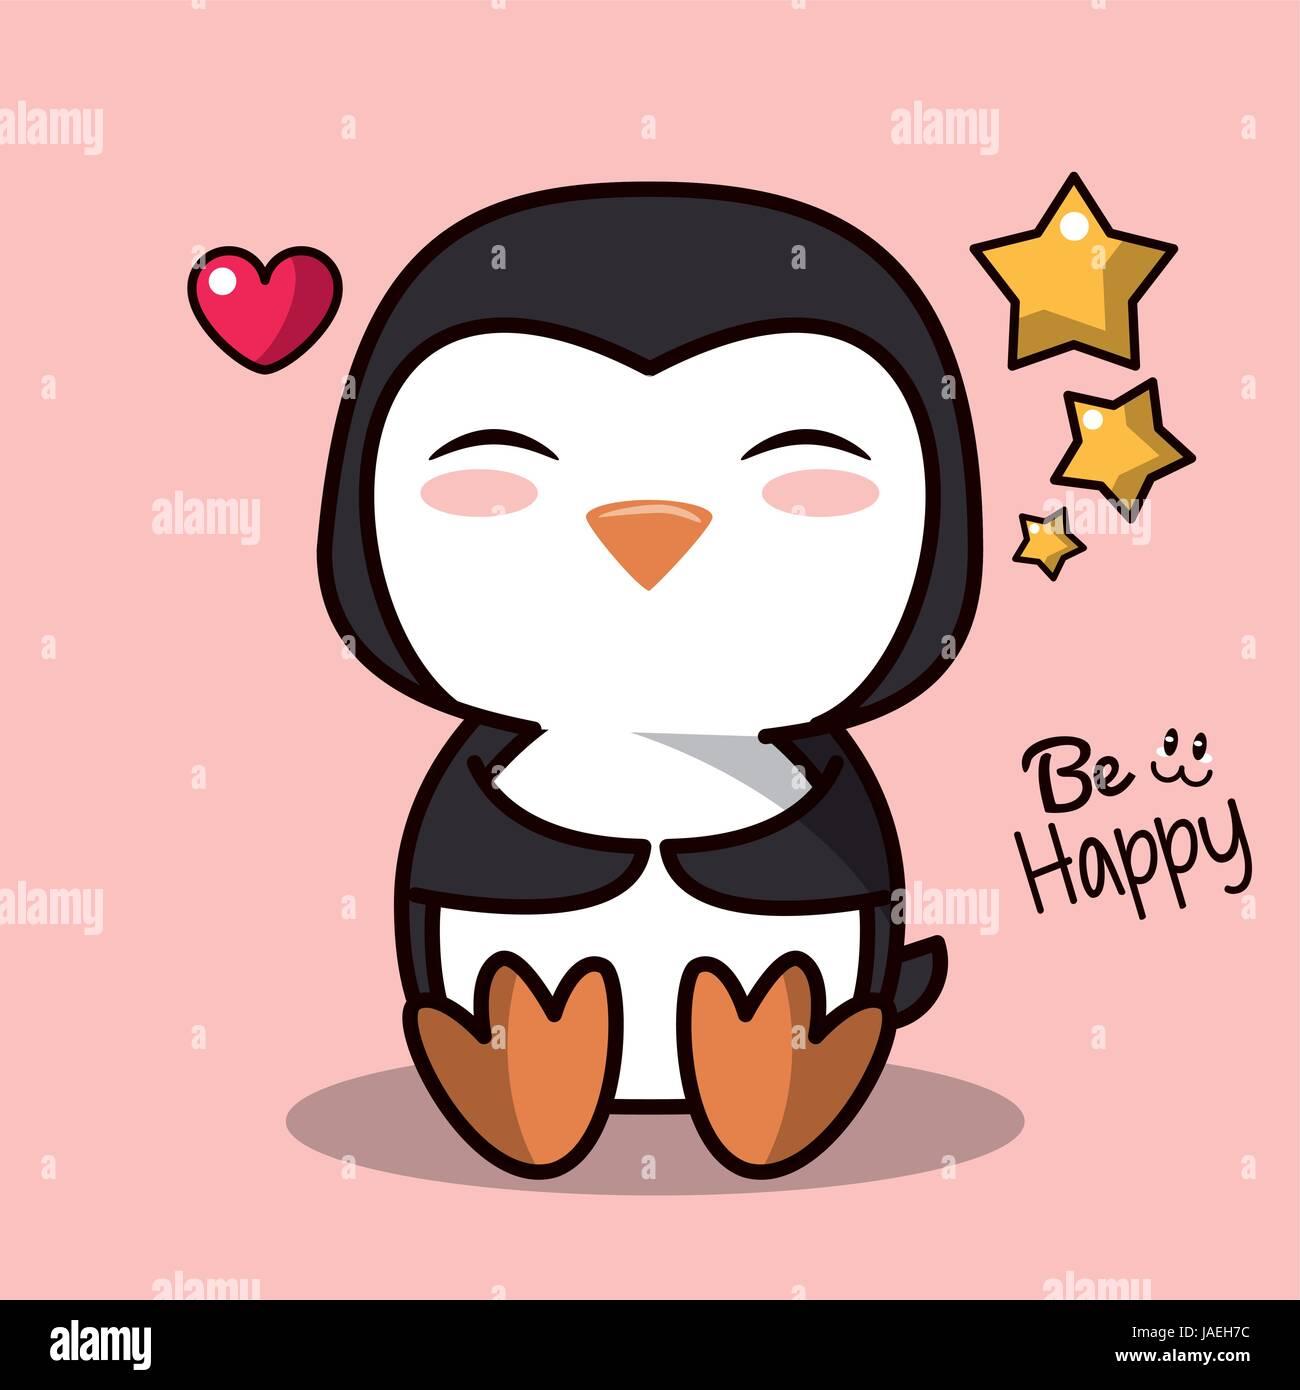 Rosa Hintergrund Mit Cute Kawaii Tiere Pinguin Und Schwimmenden Herzen Sternen